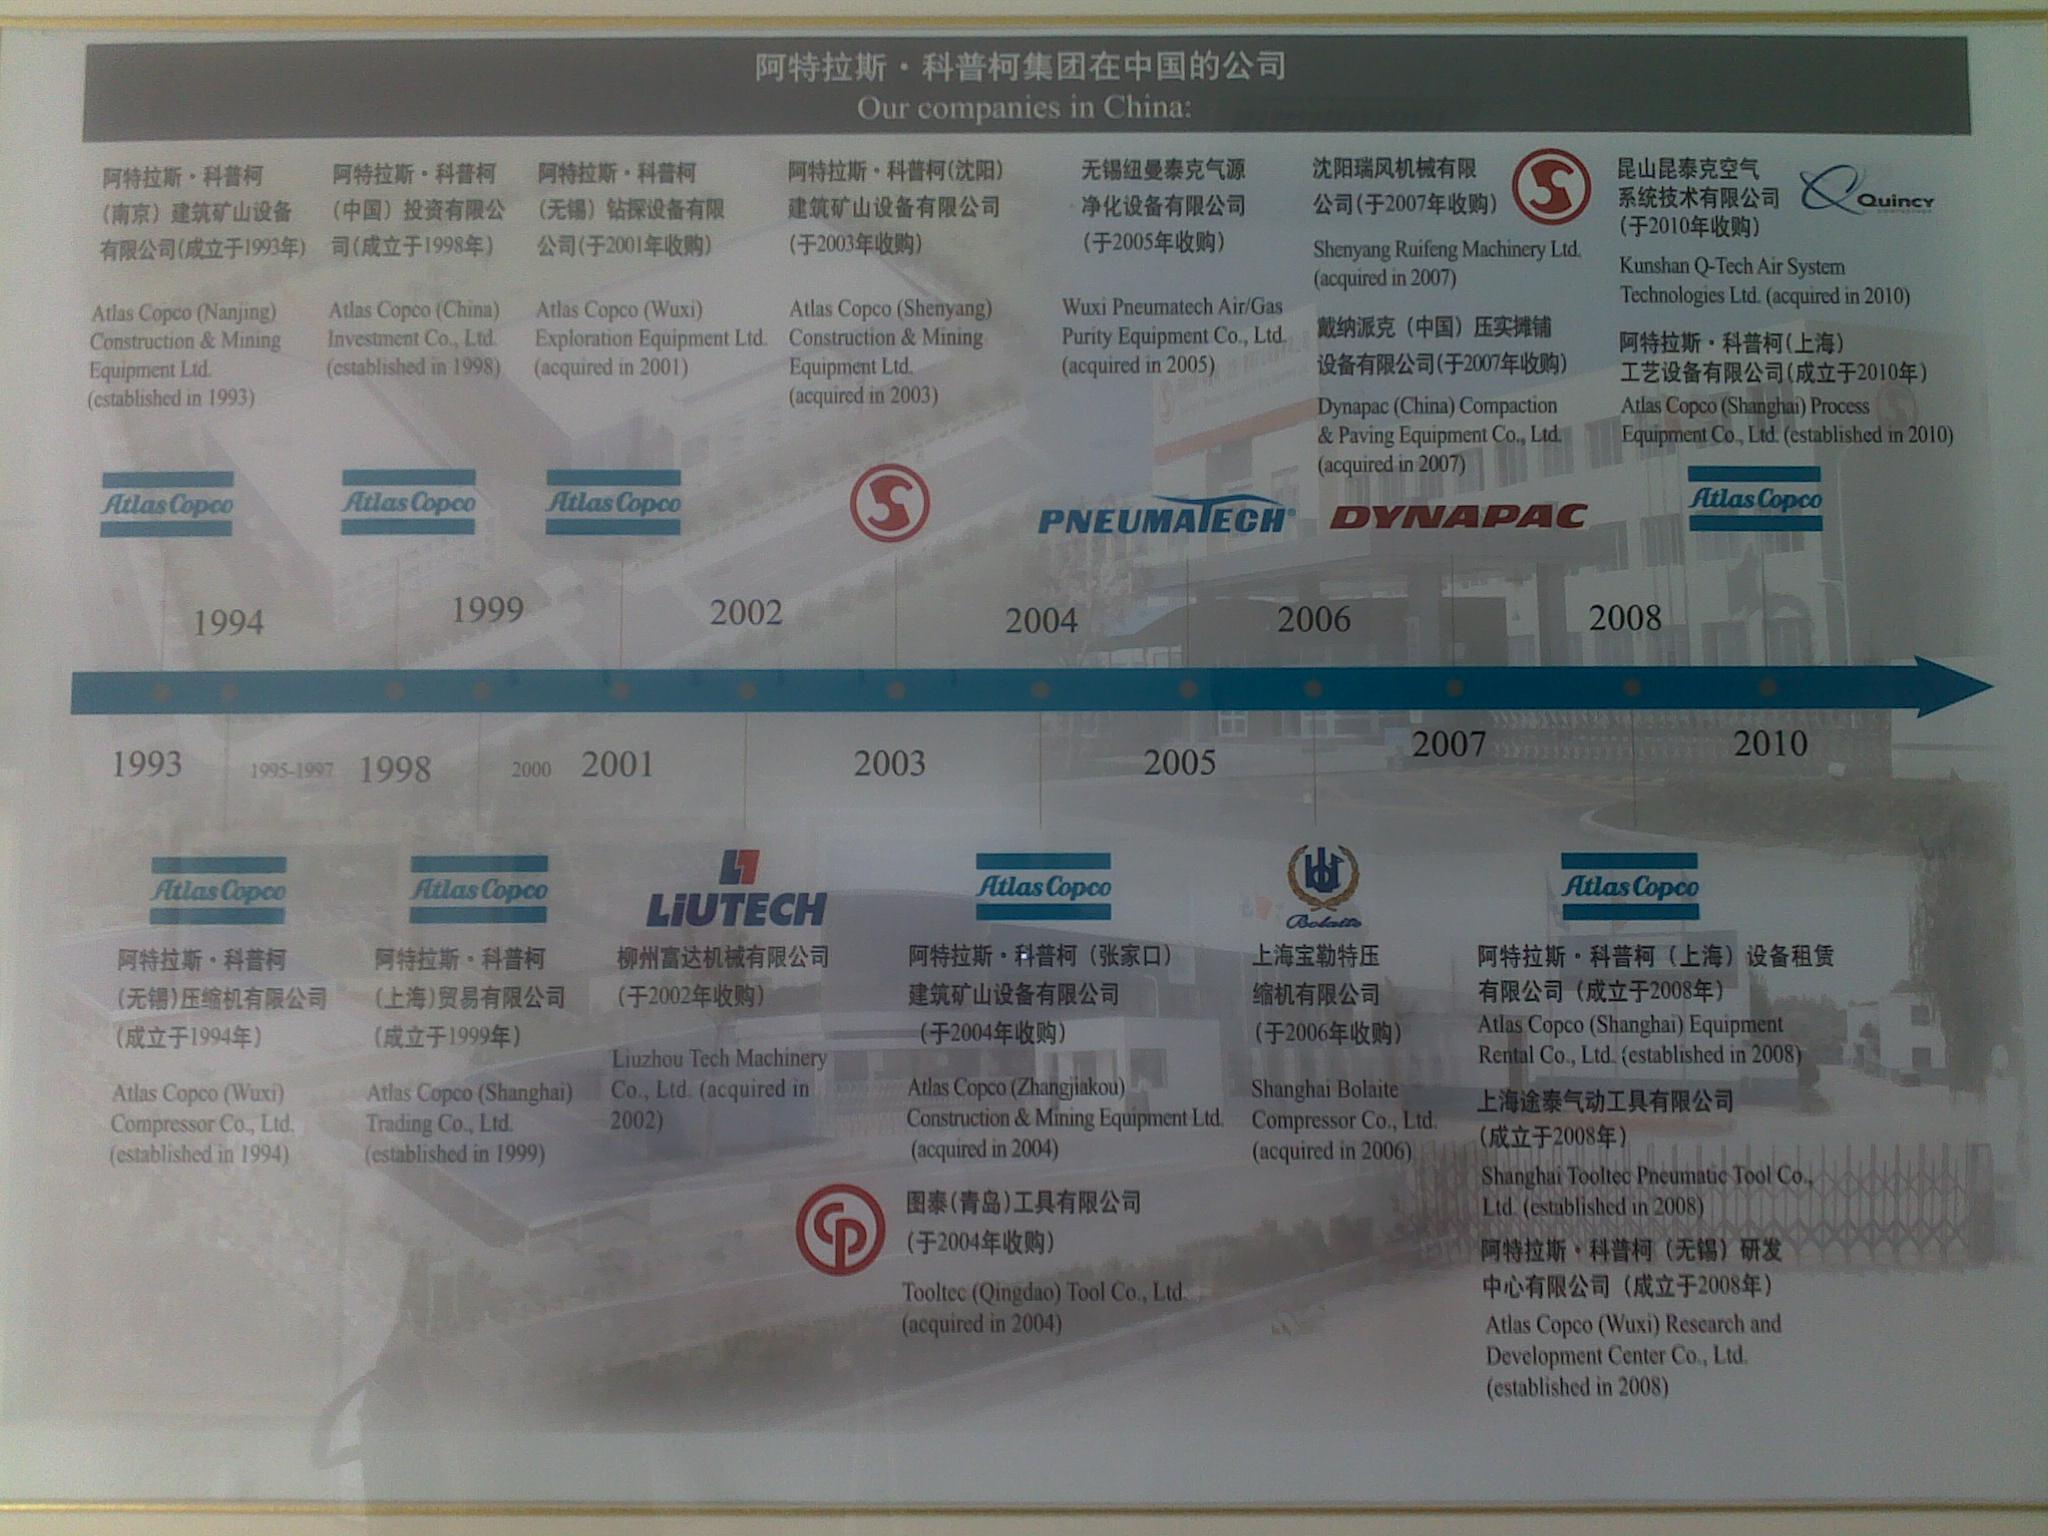 阿特拉斯在中国的公司